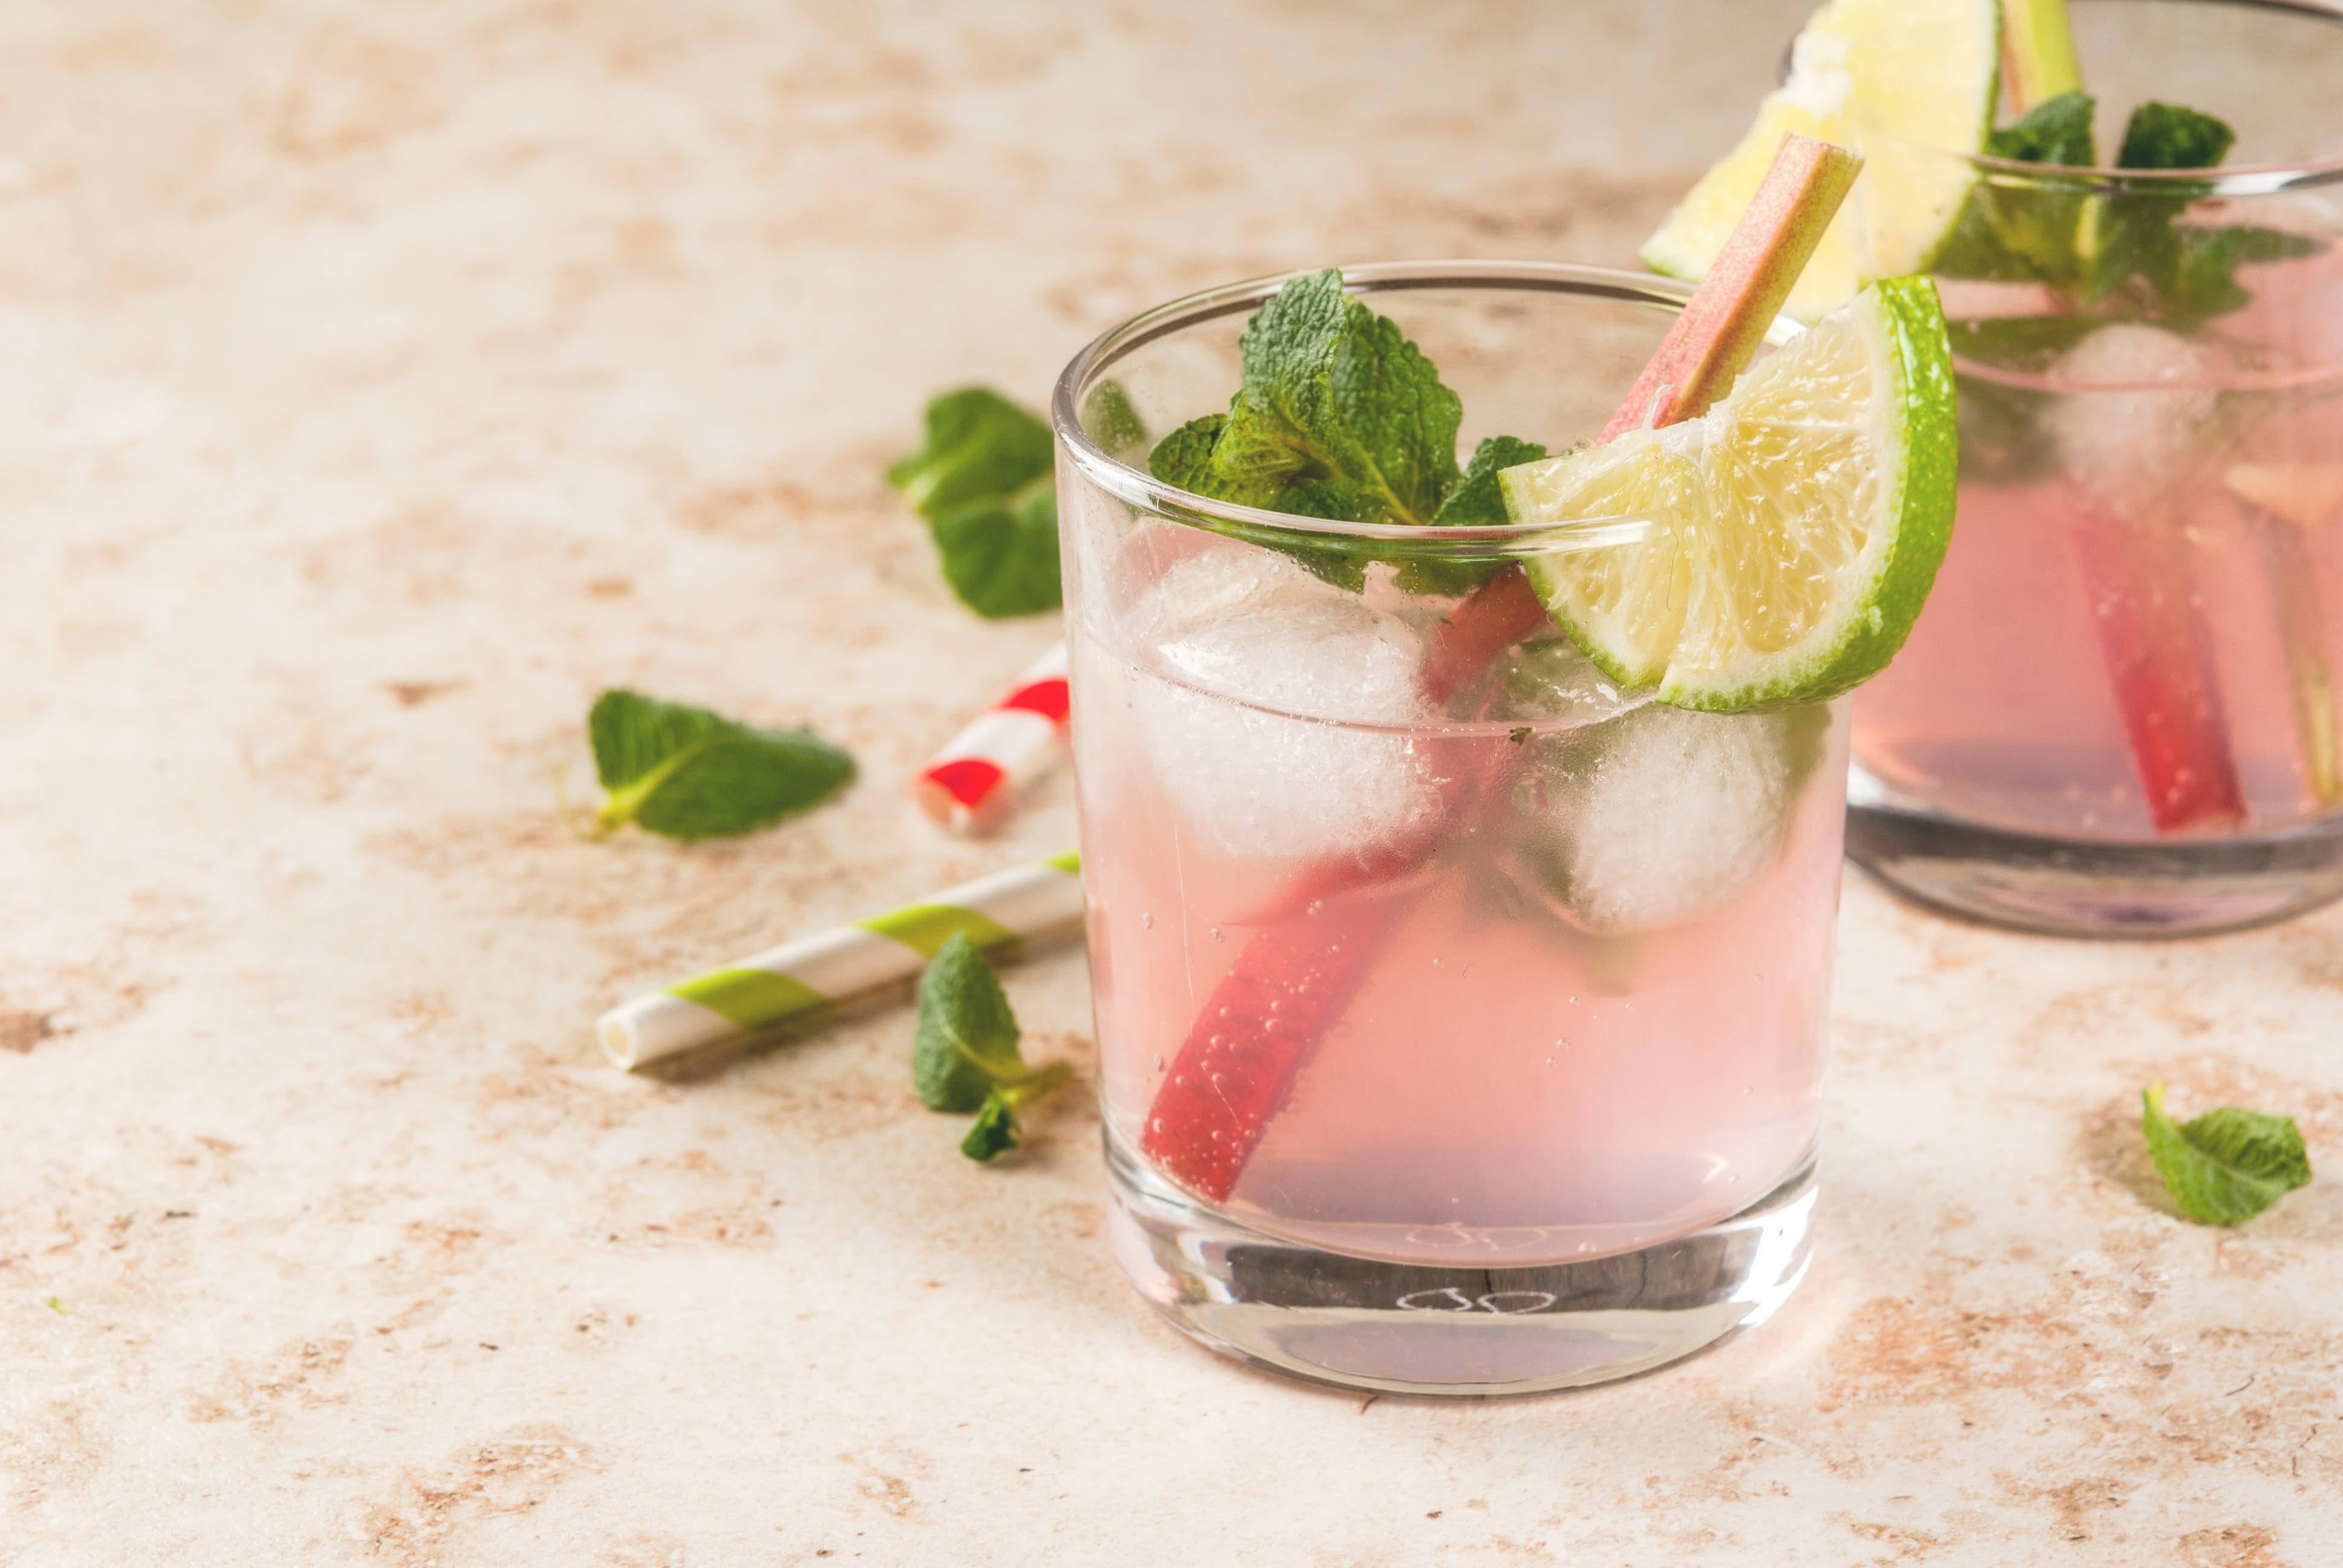 Rhabarber-Limonade im Glas, mit Eiswürfeln und garniert mit Limetten Minze und einer Rhabarberstange.